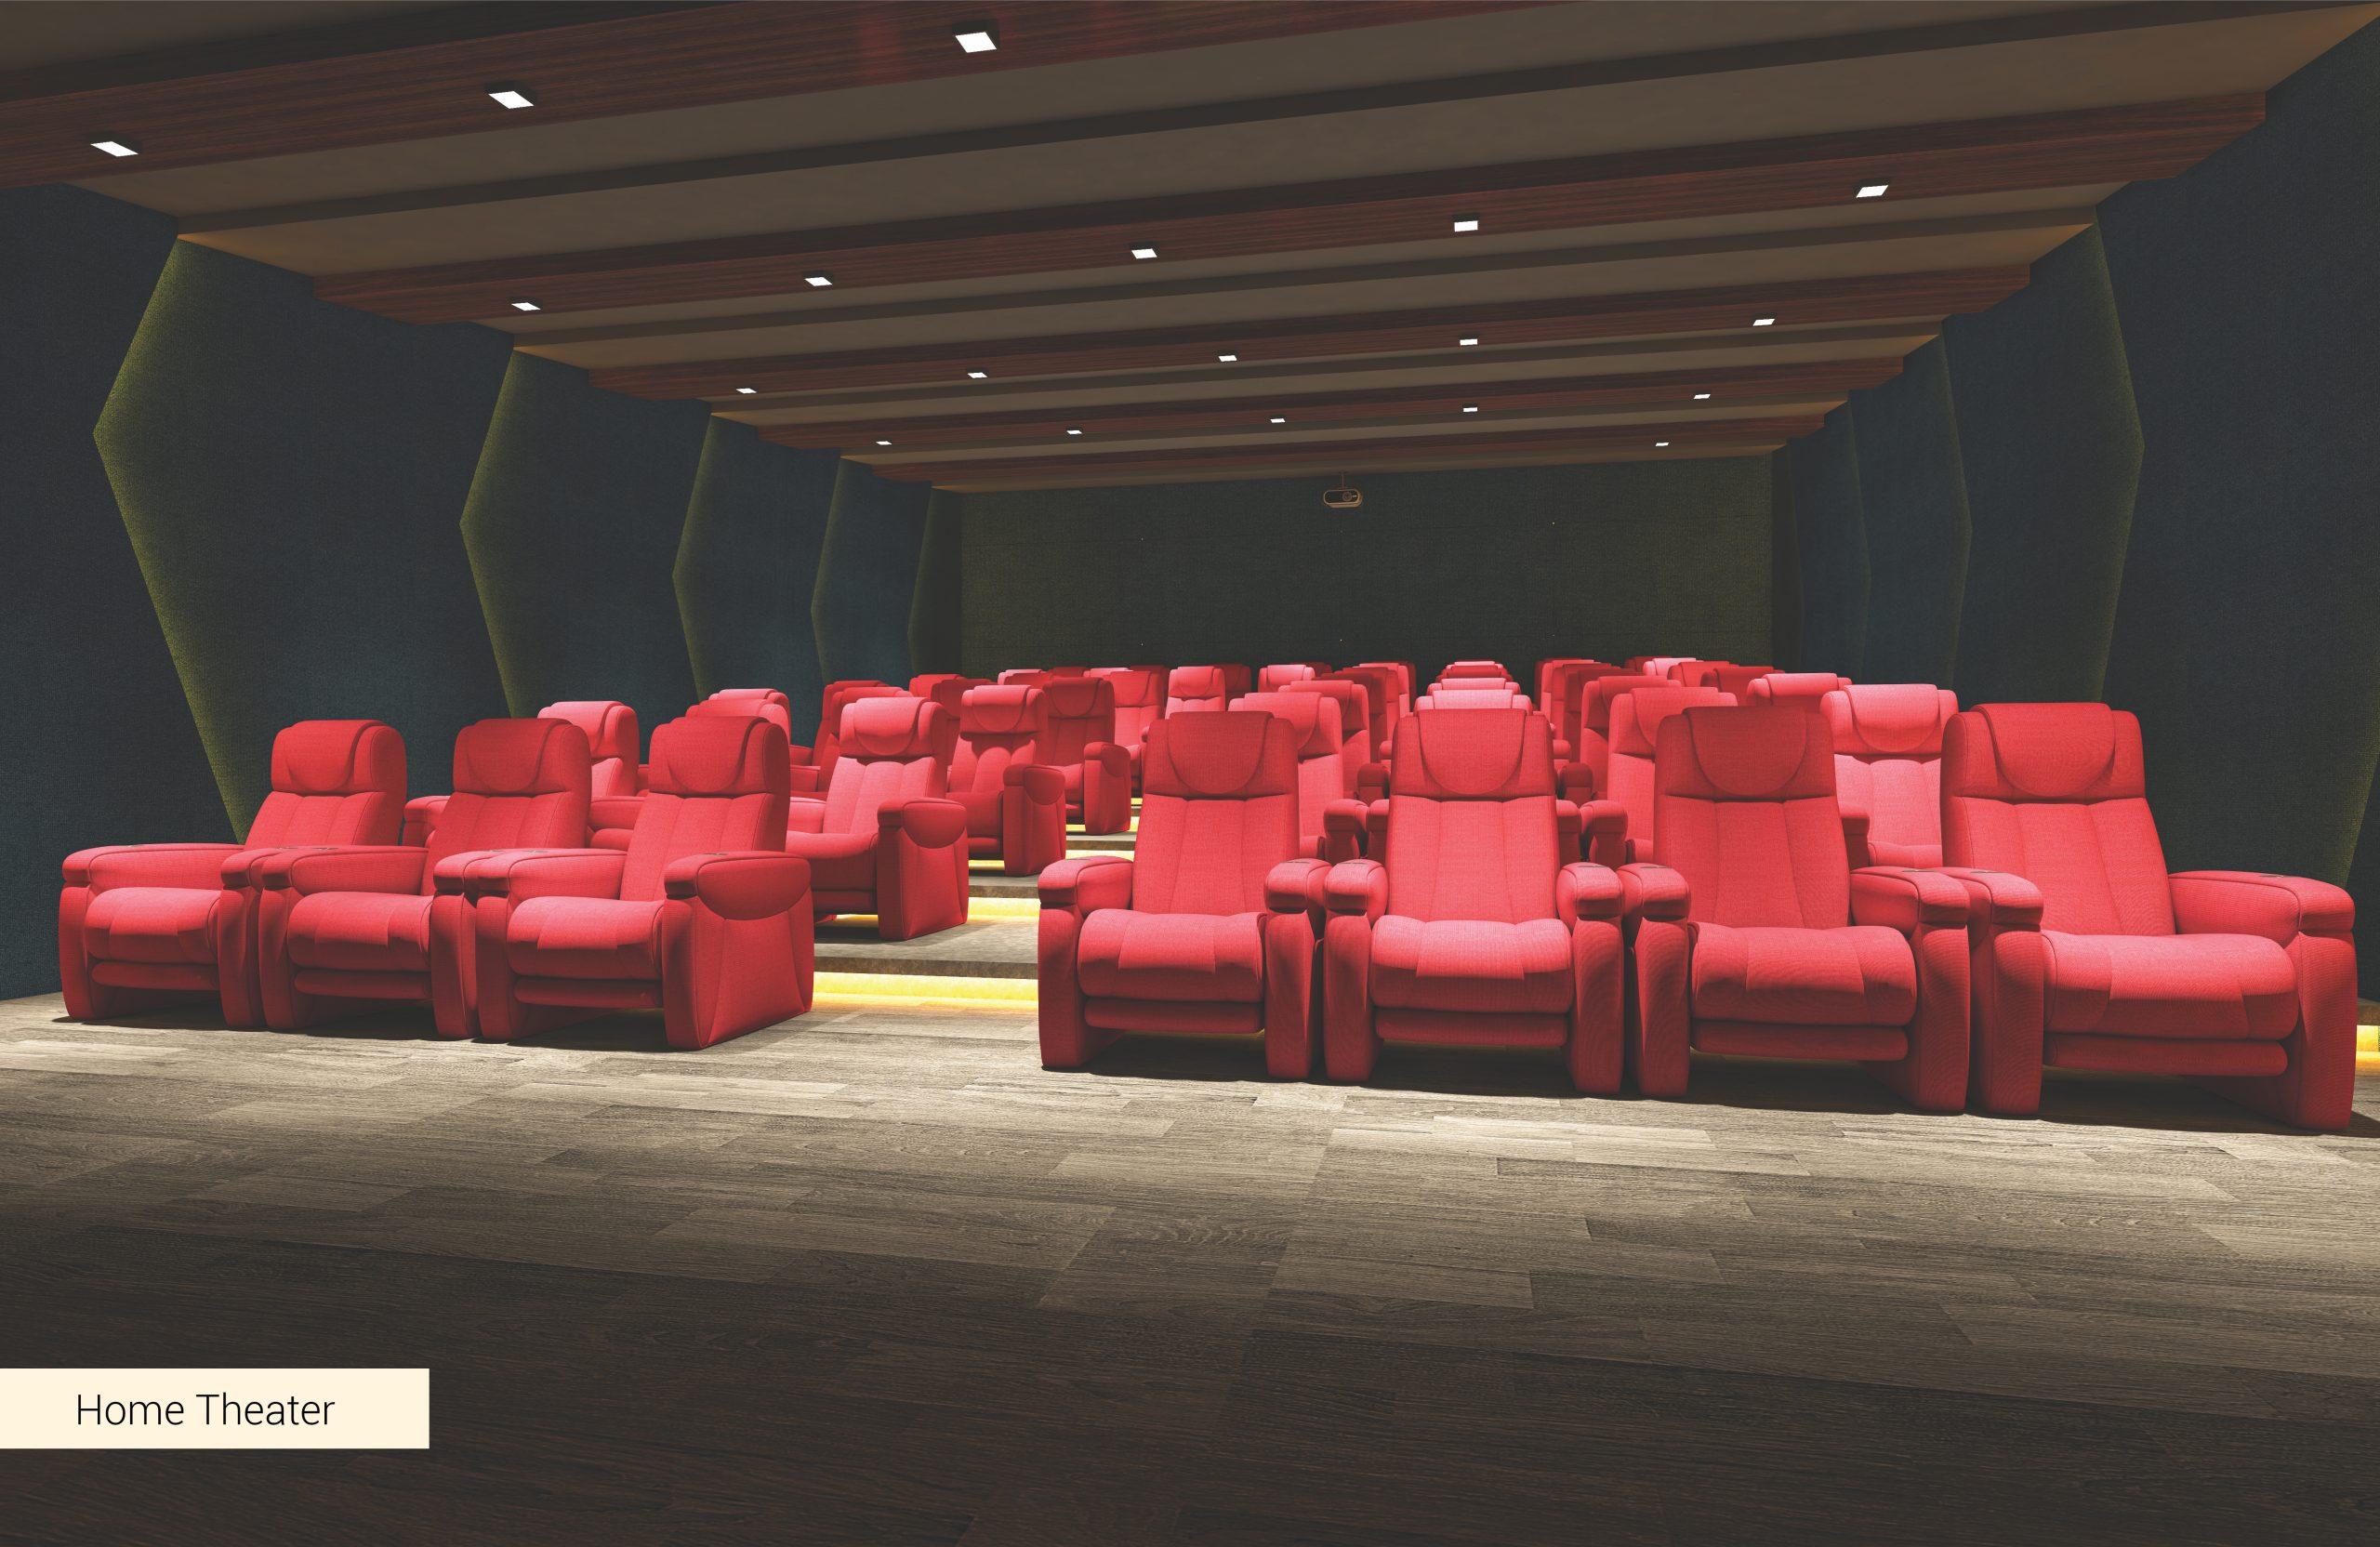 Home Theatre edited